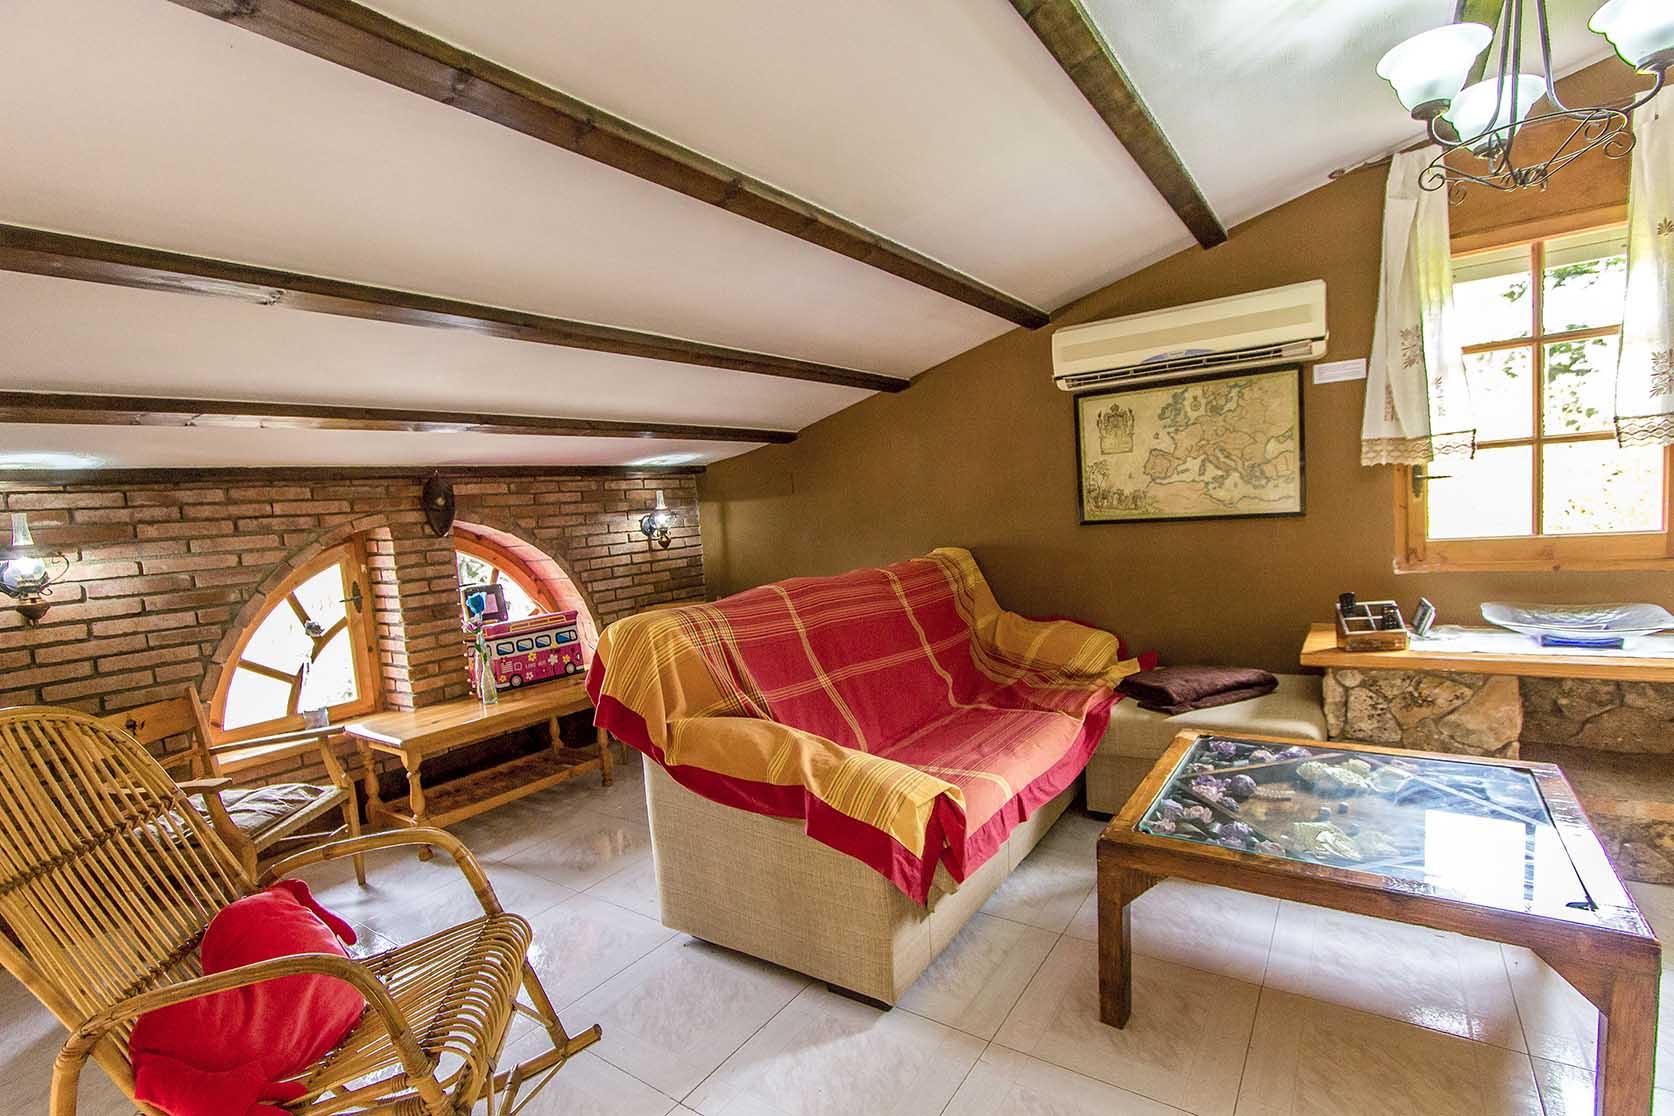 Ferienhaus Catalunya Casas: Lovely villa in Castellet, only 10 min to Costa Dorada beaches! (1890850), Castellet i la Gornal, Costa del Garraf, Katalonien, Spanien, Bild 28